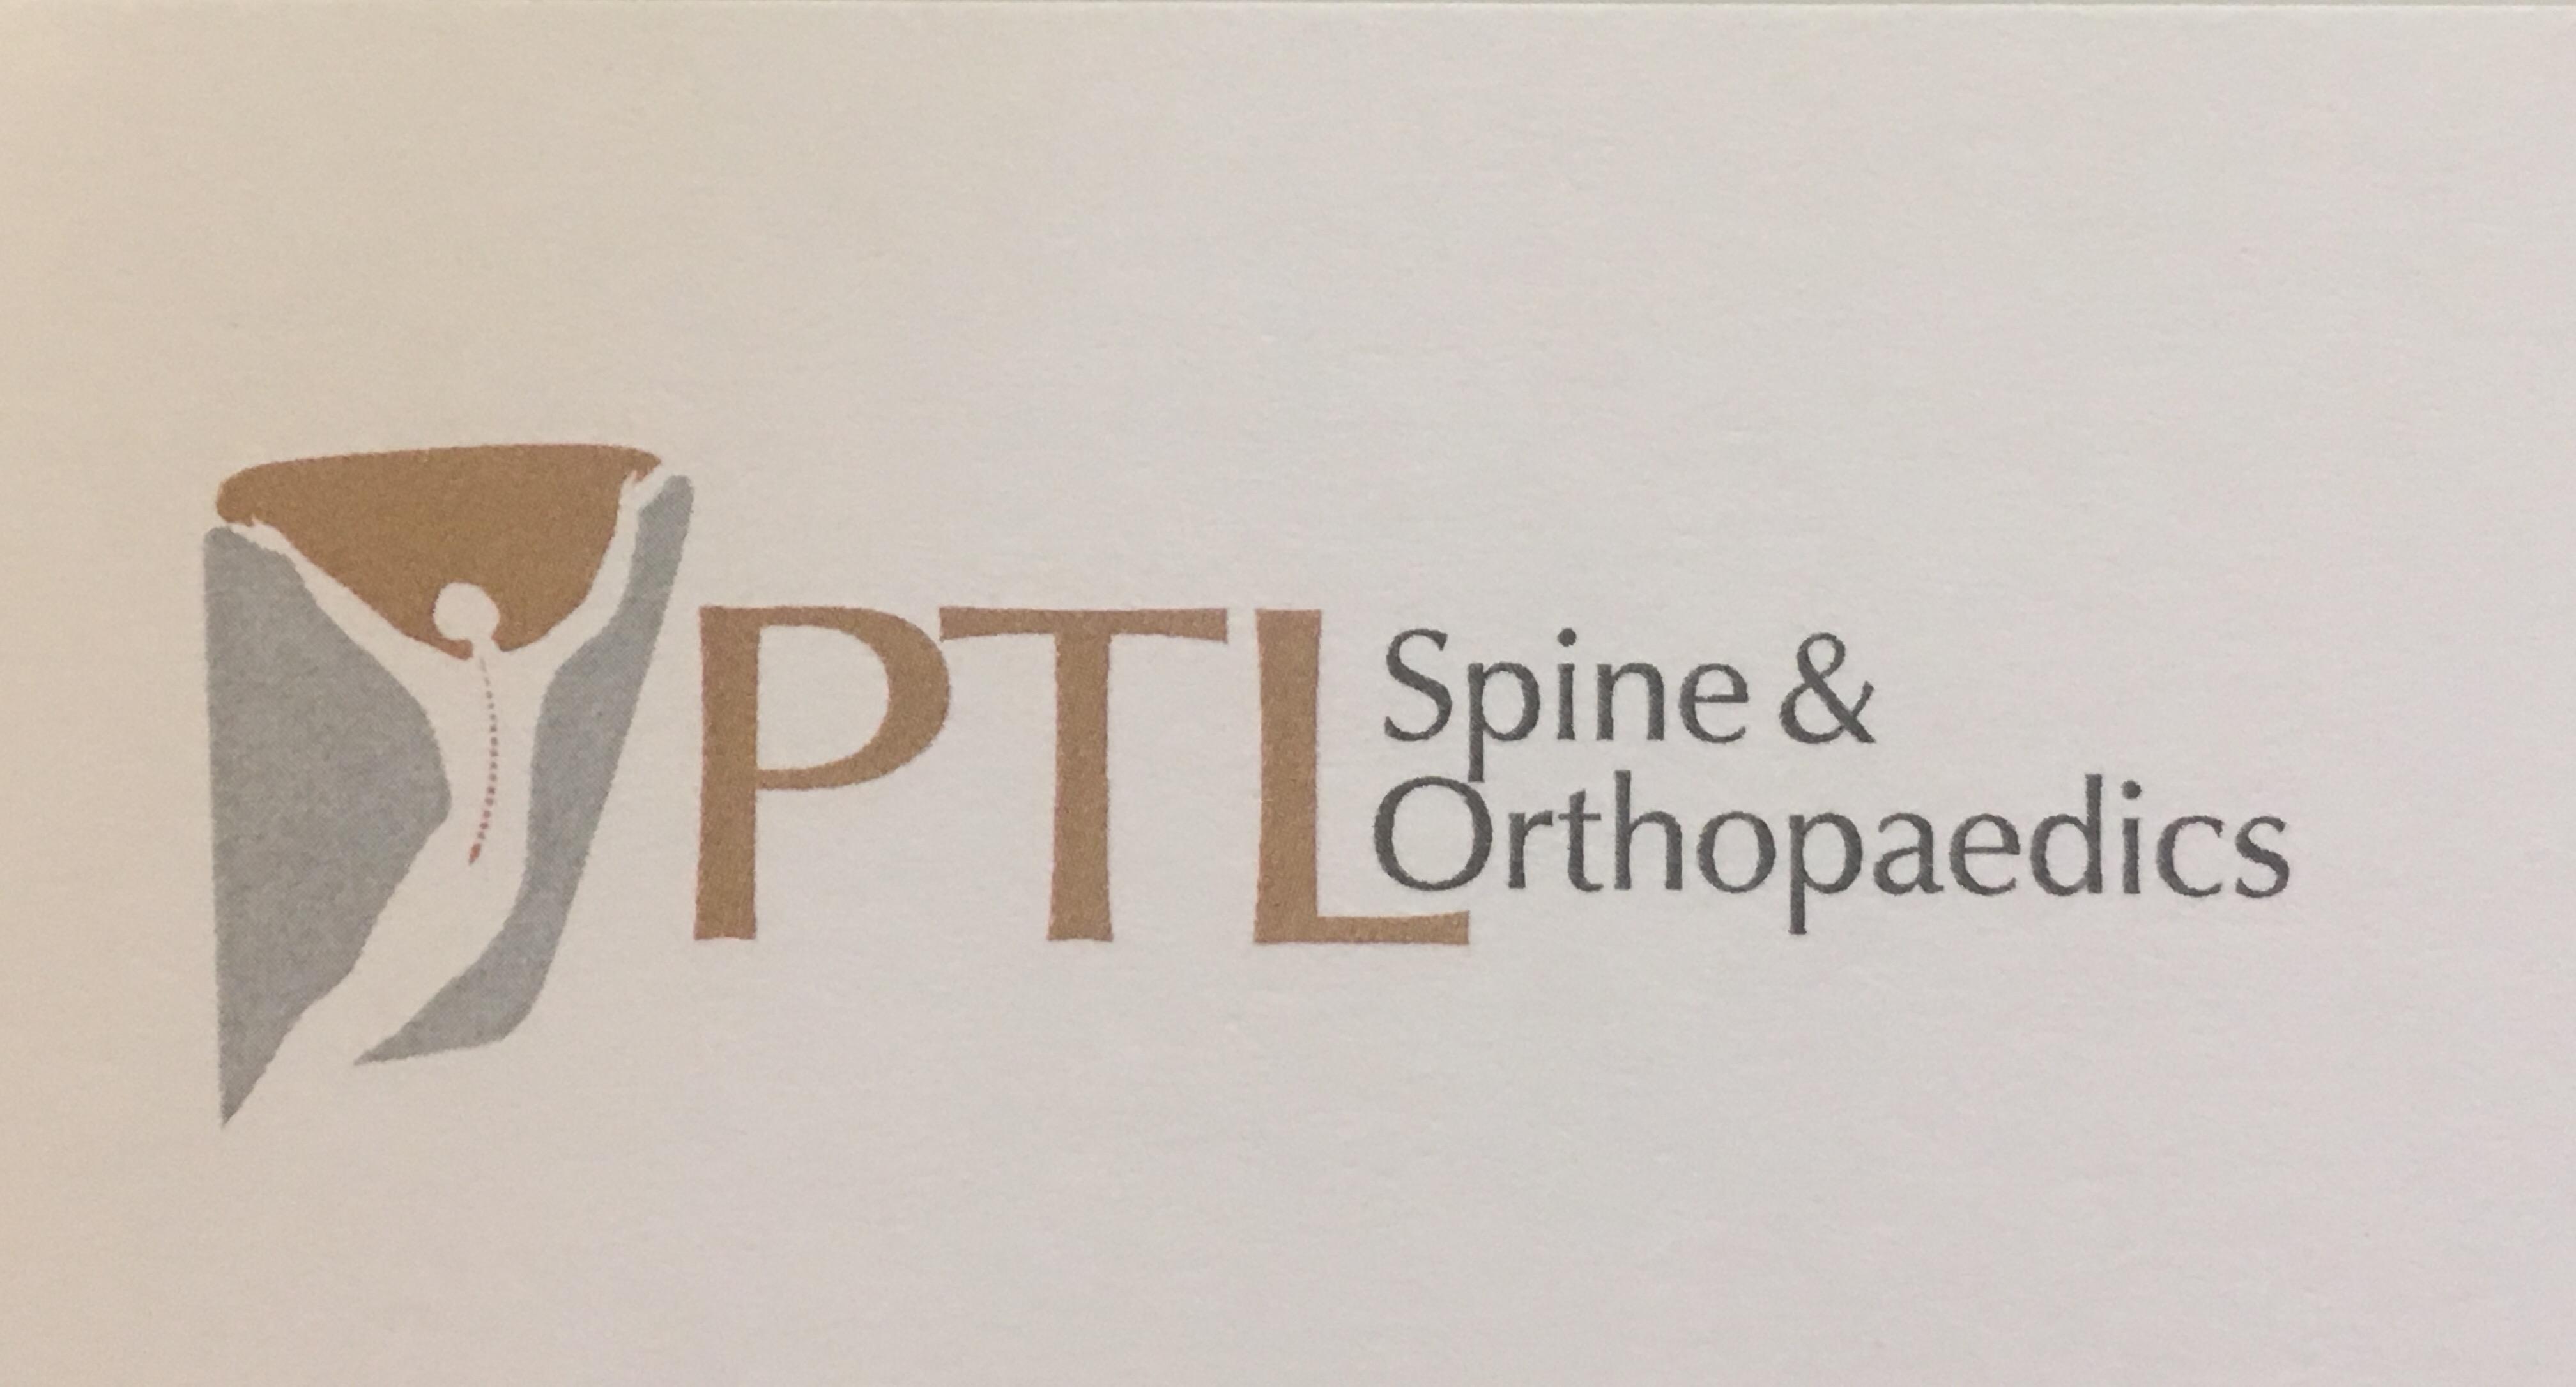 PTL Spine & Orthopaedics